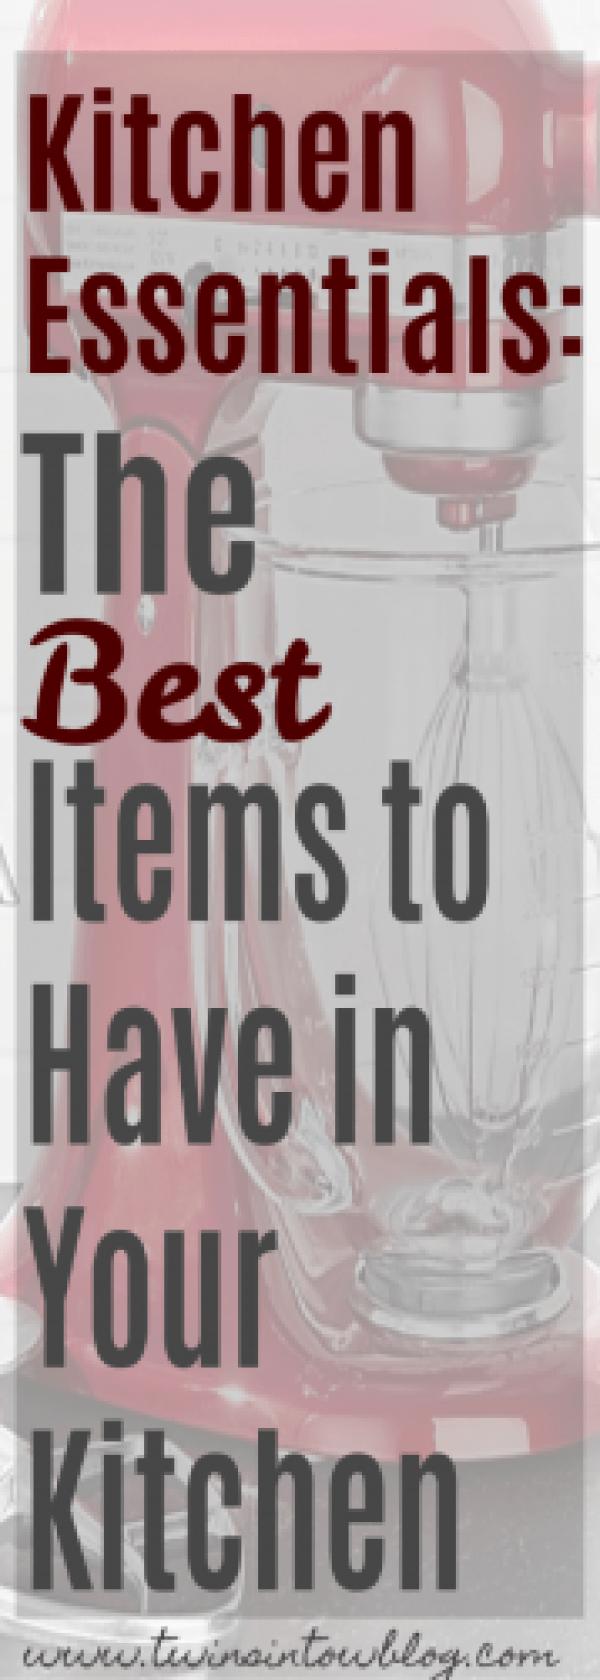 kitchen essentials.png